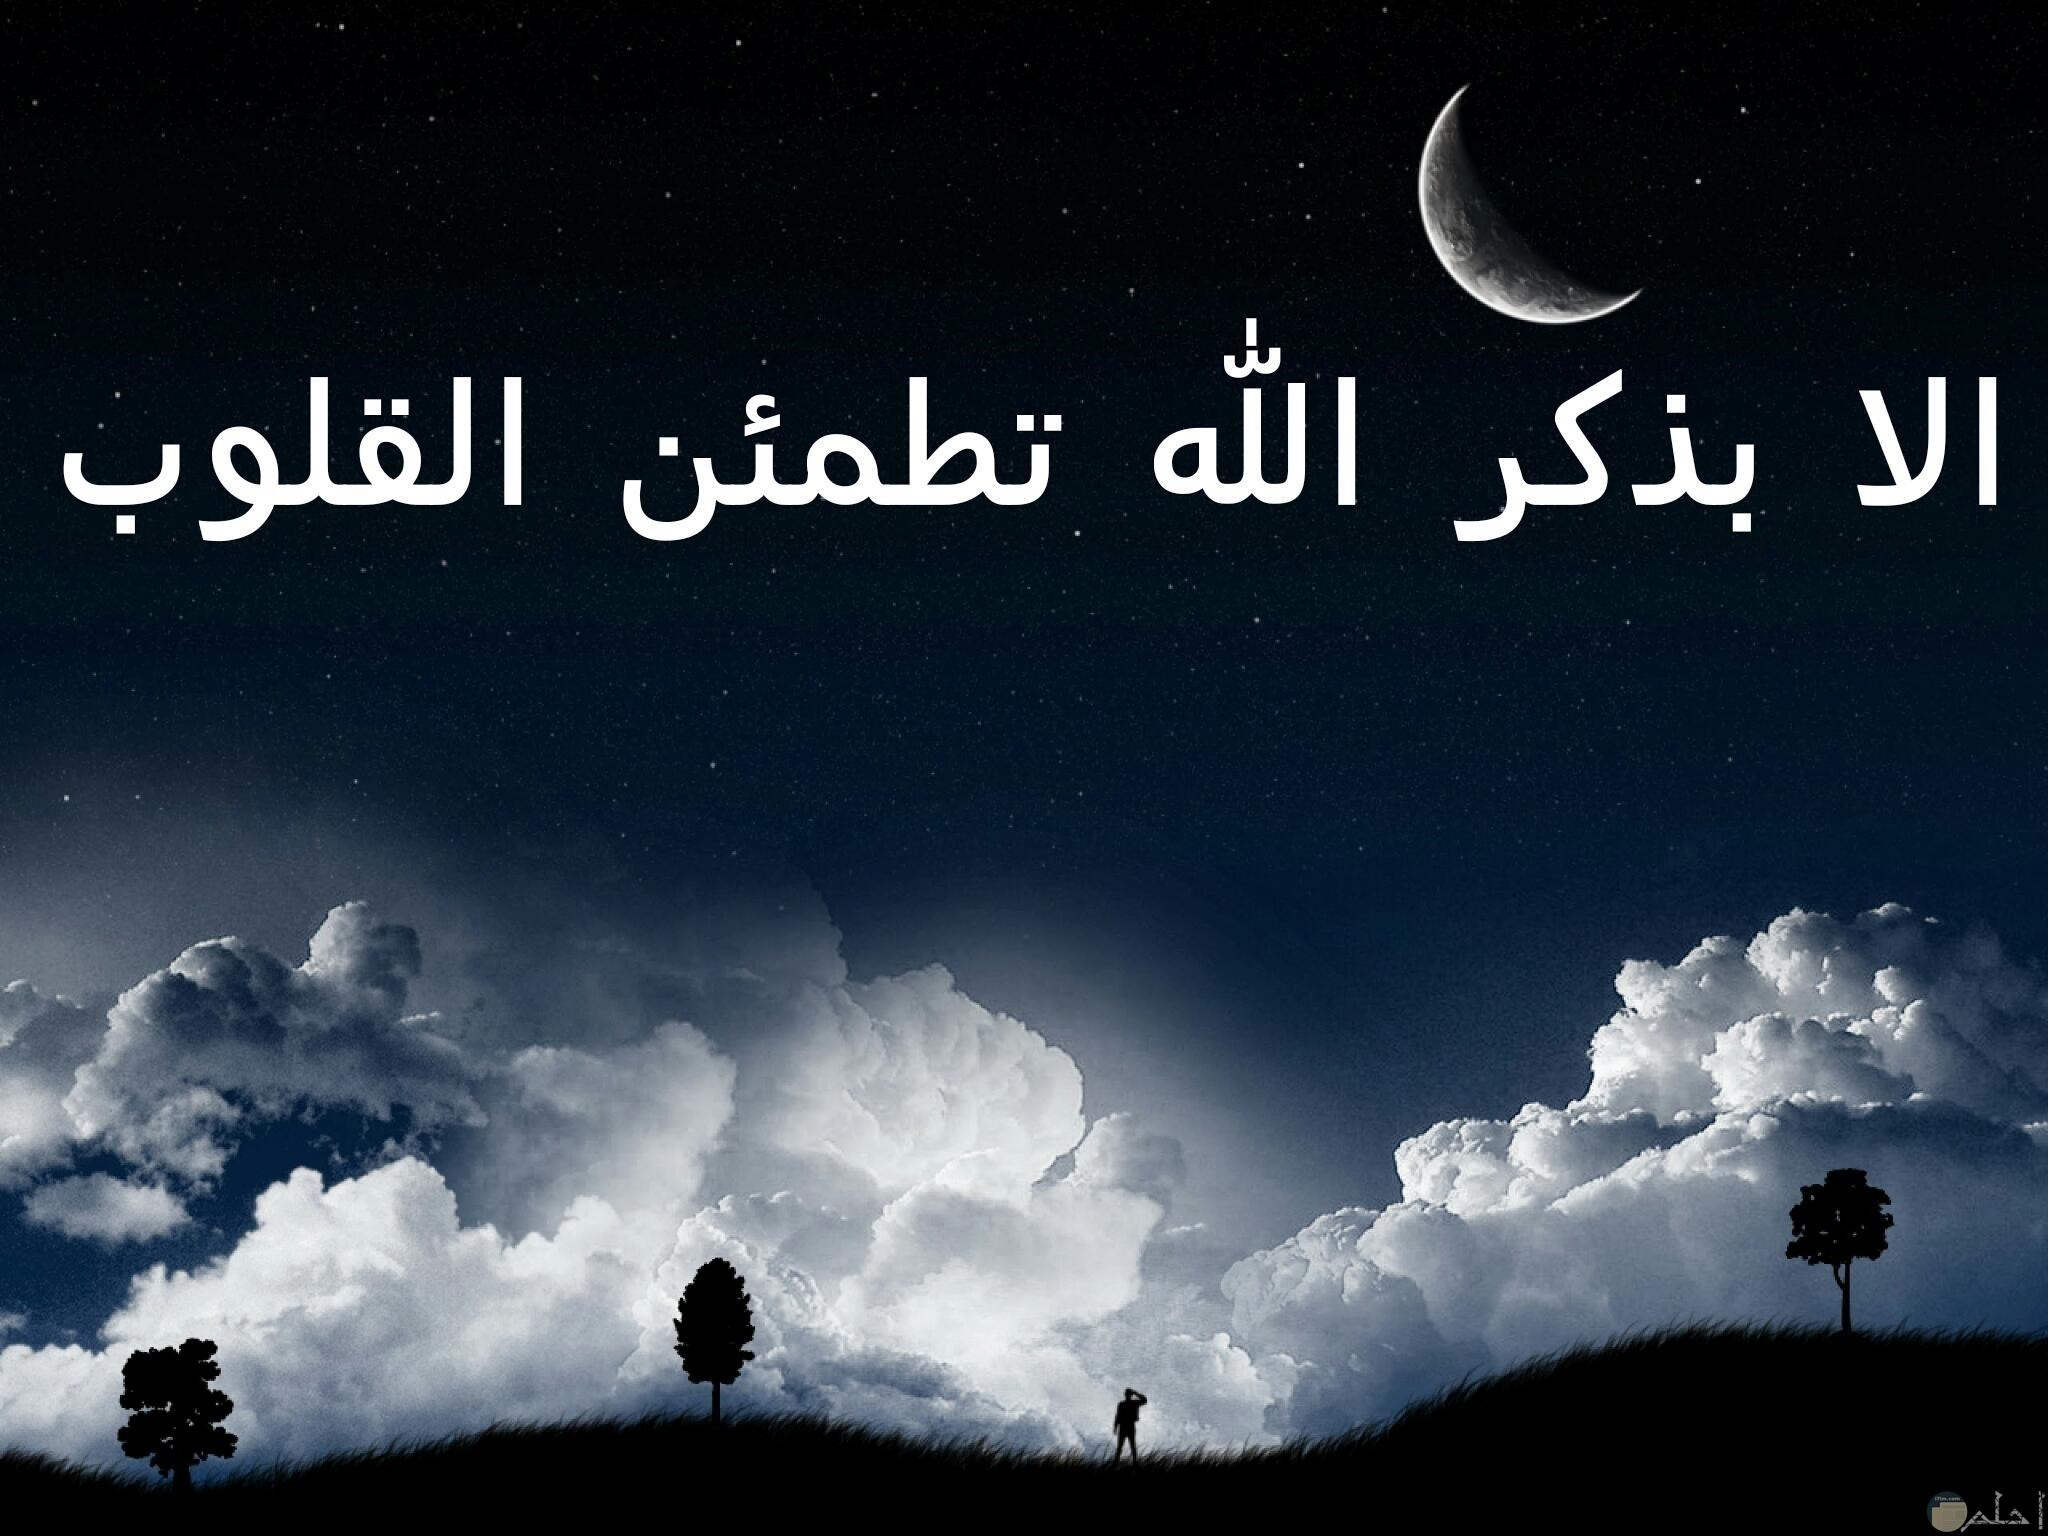 صورة فيس بوك إسلامية